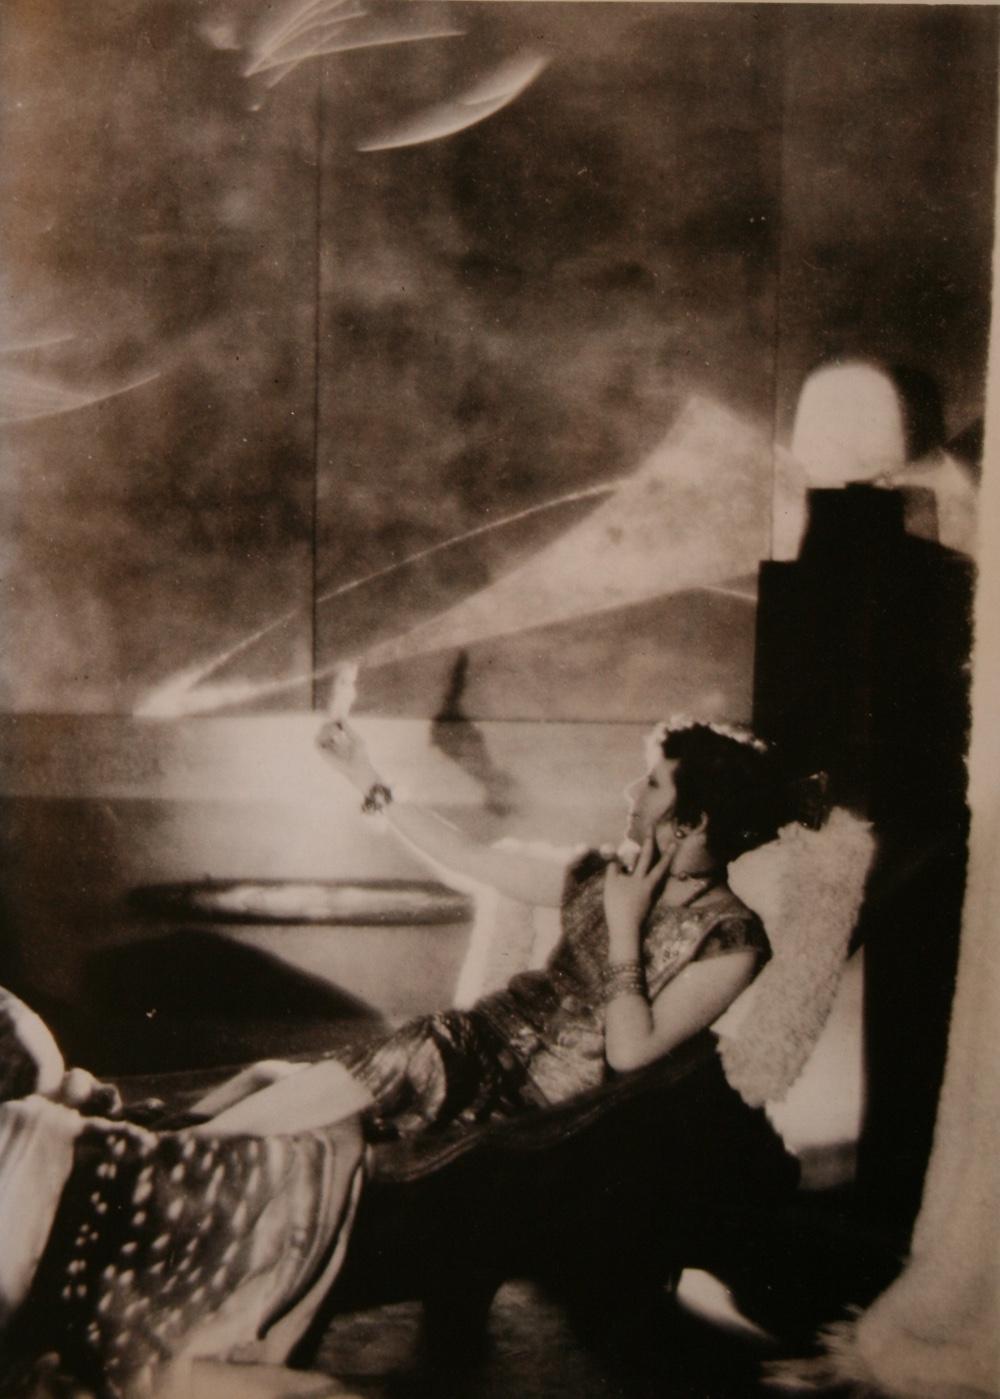 Работы Эйлин Грей - модистка на кушетке, спроектированной Грей